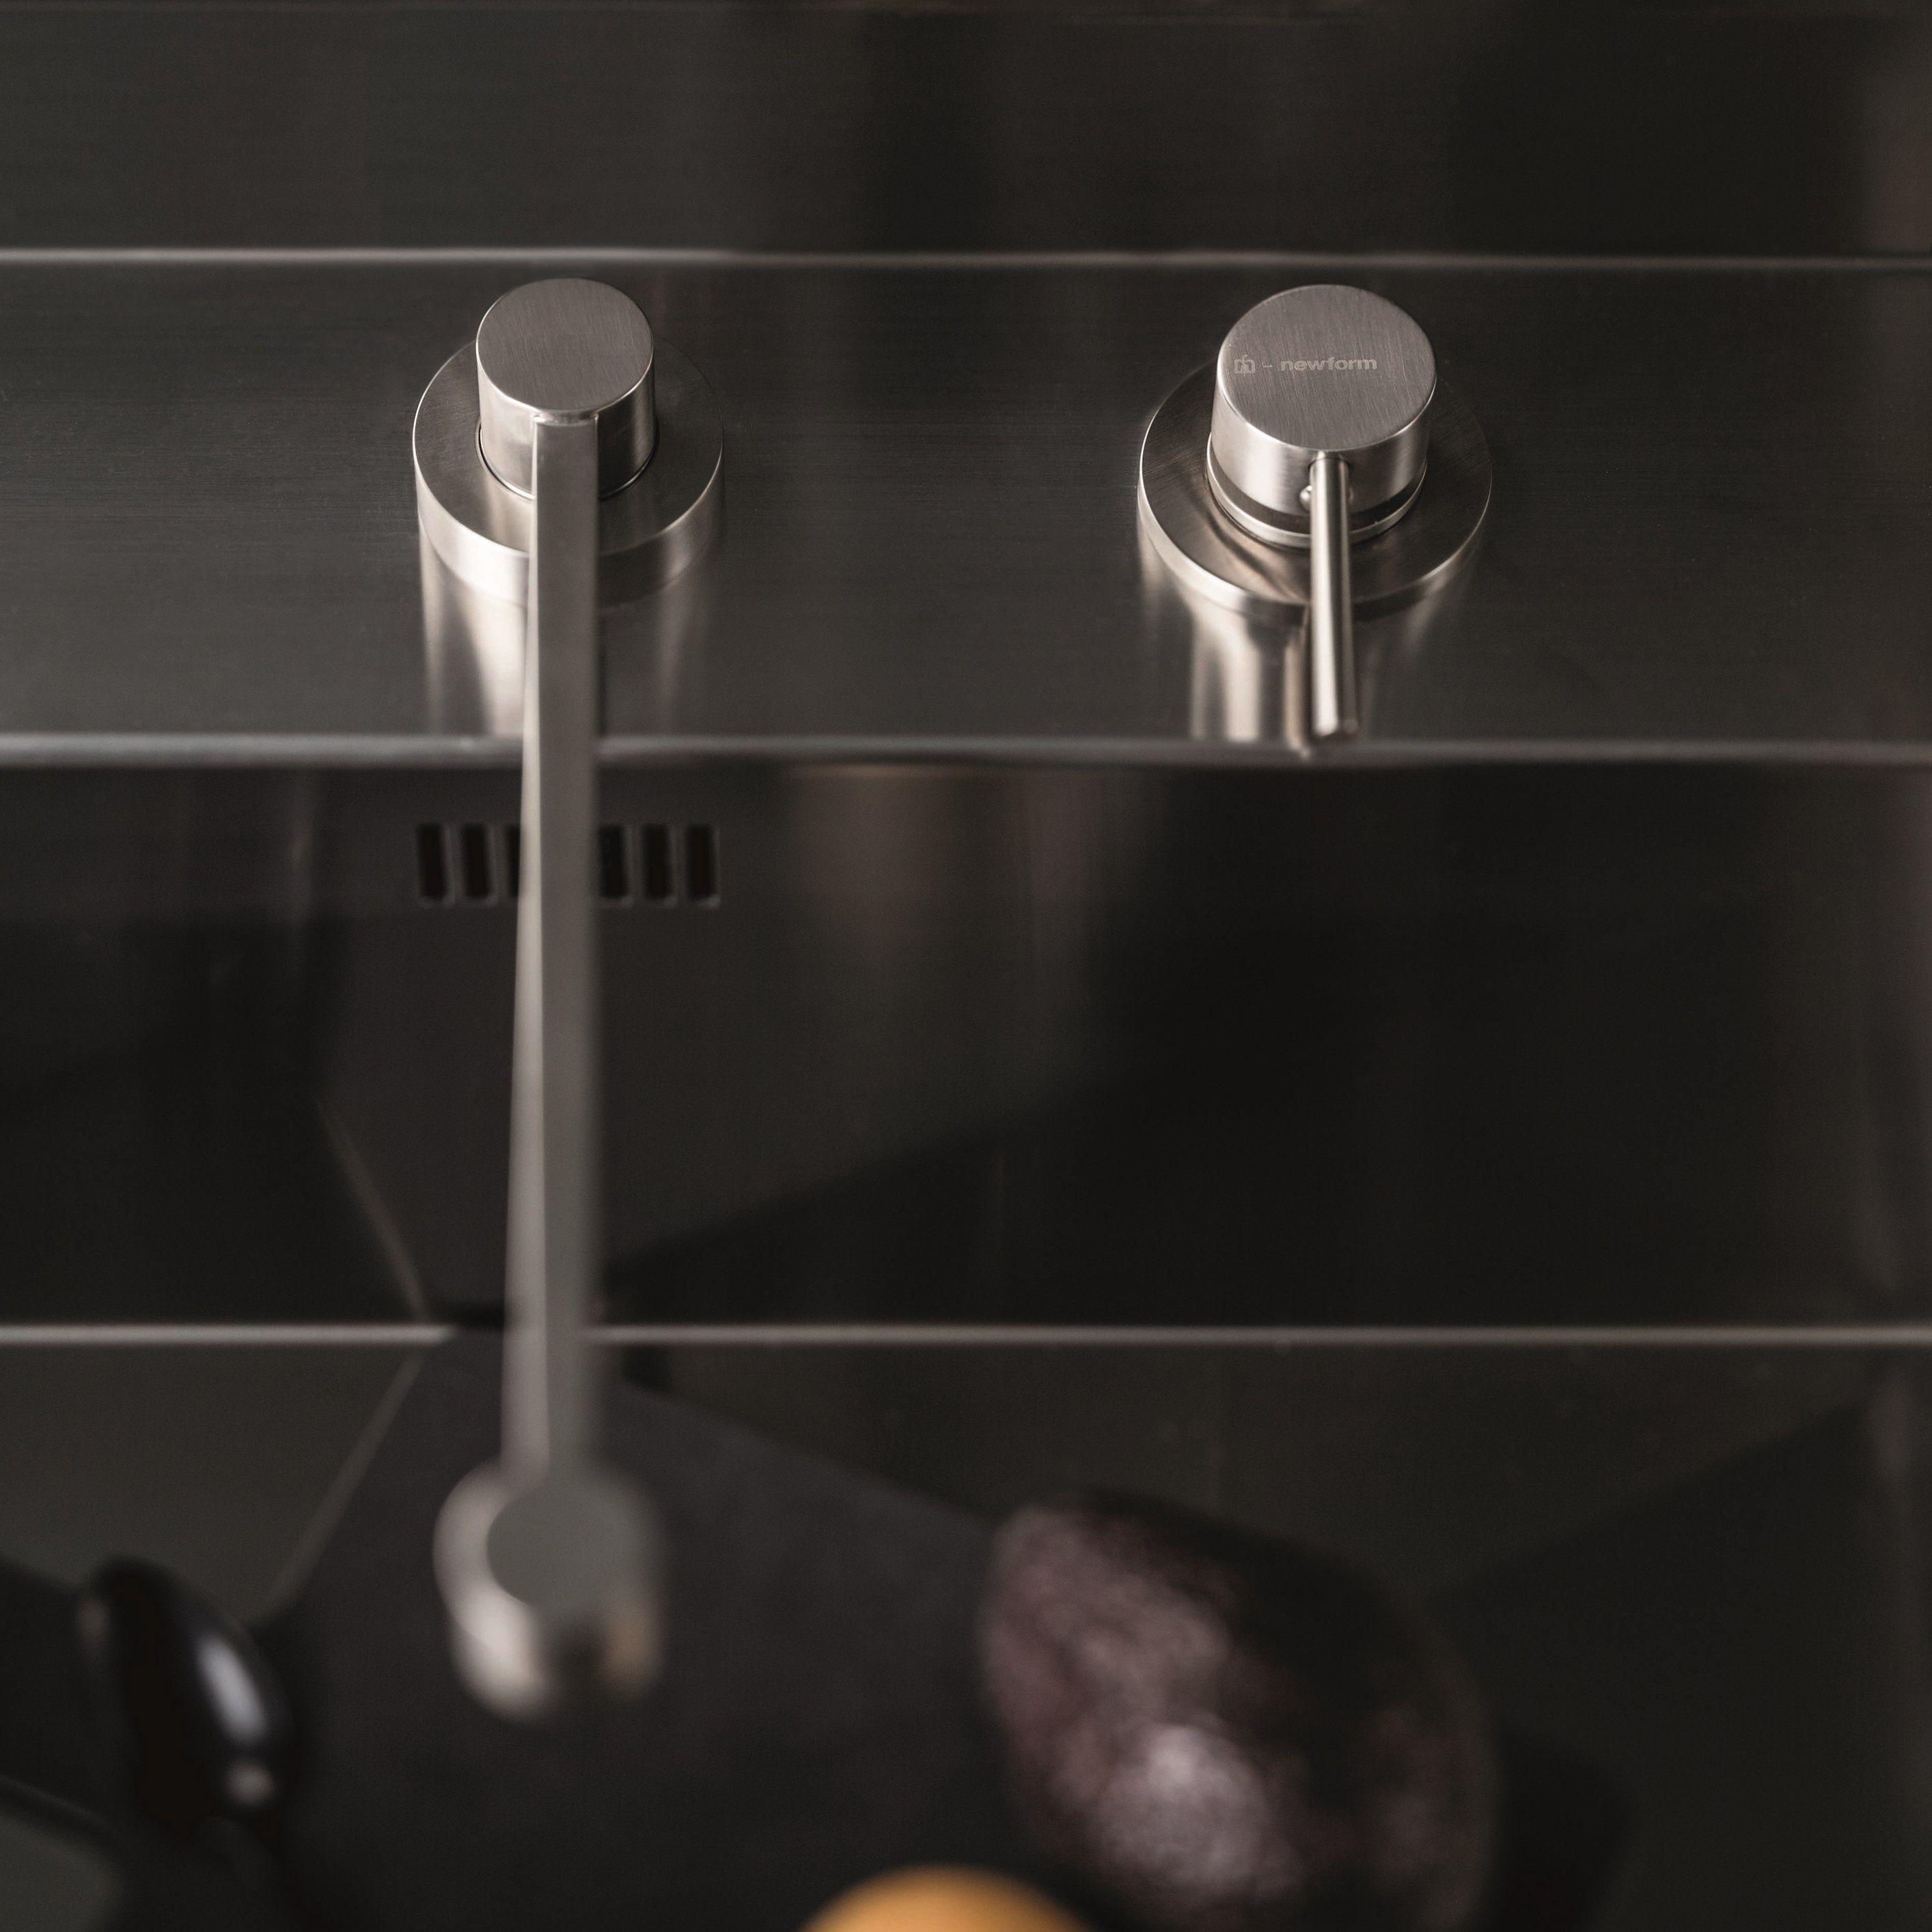 X-TREND #KITCHEN Miscelatore da cucina a due fori by #NEWFORM ...